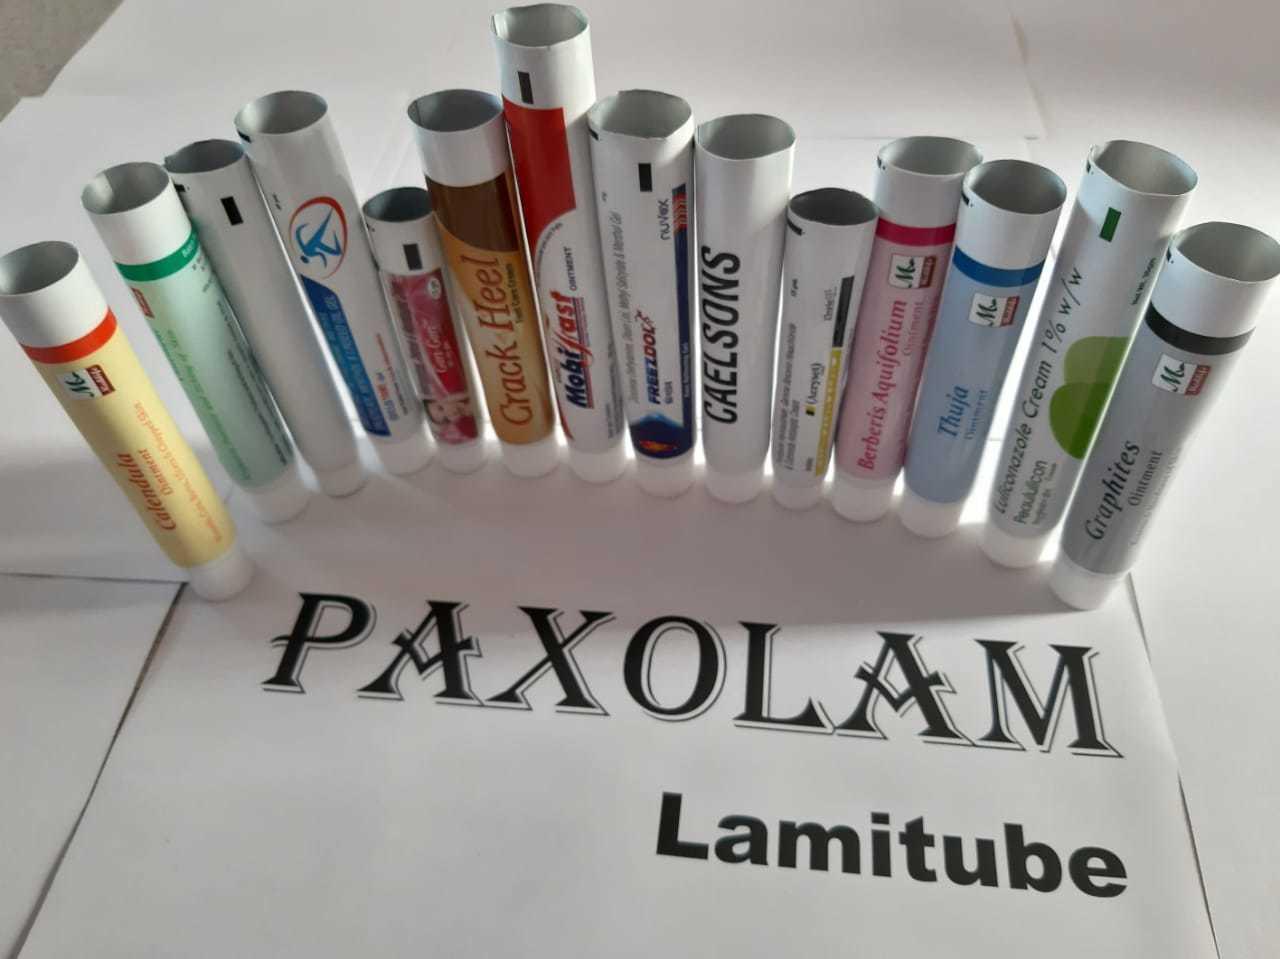 Laminated Tube